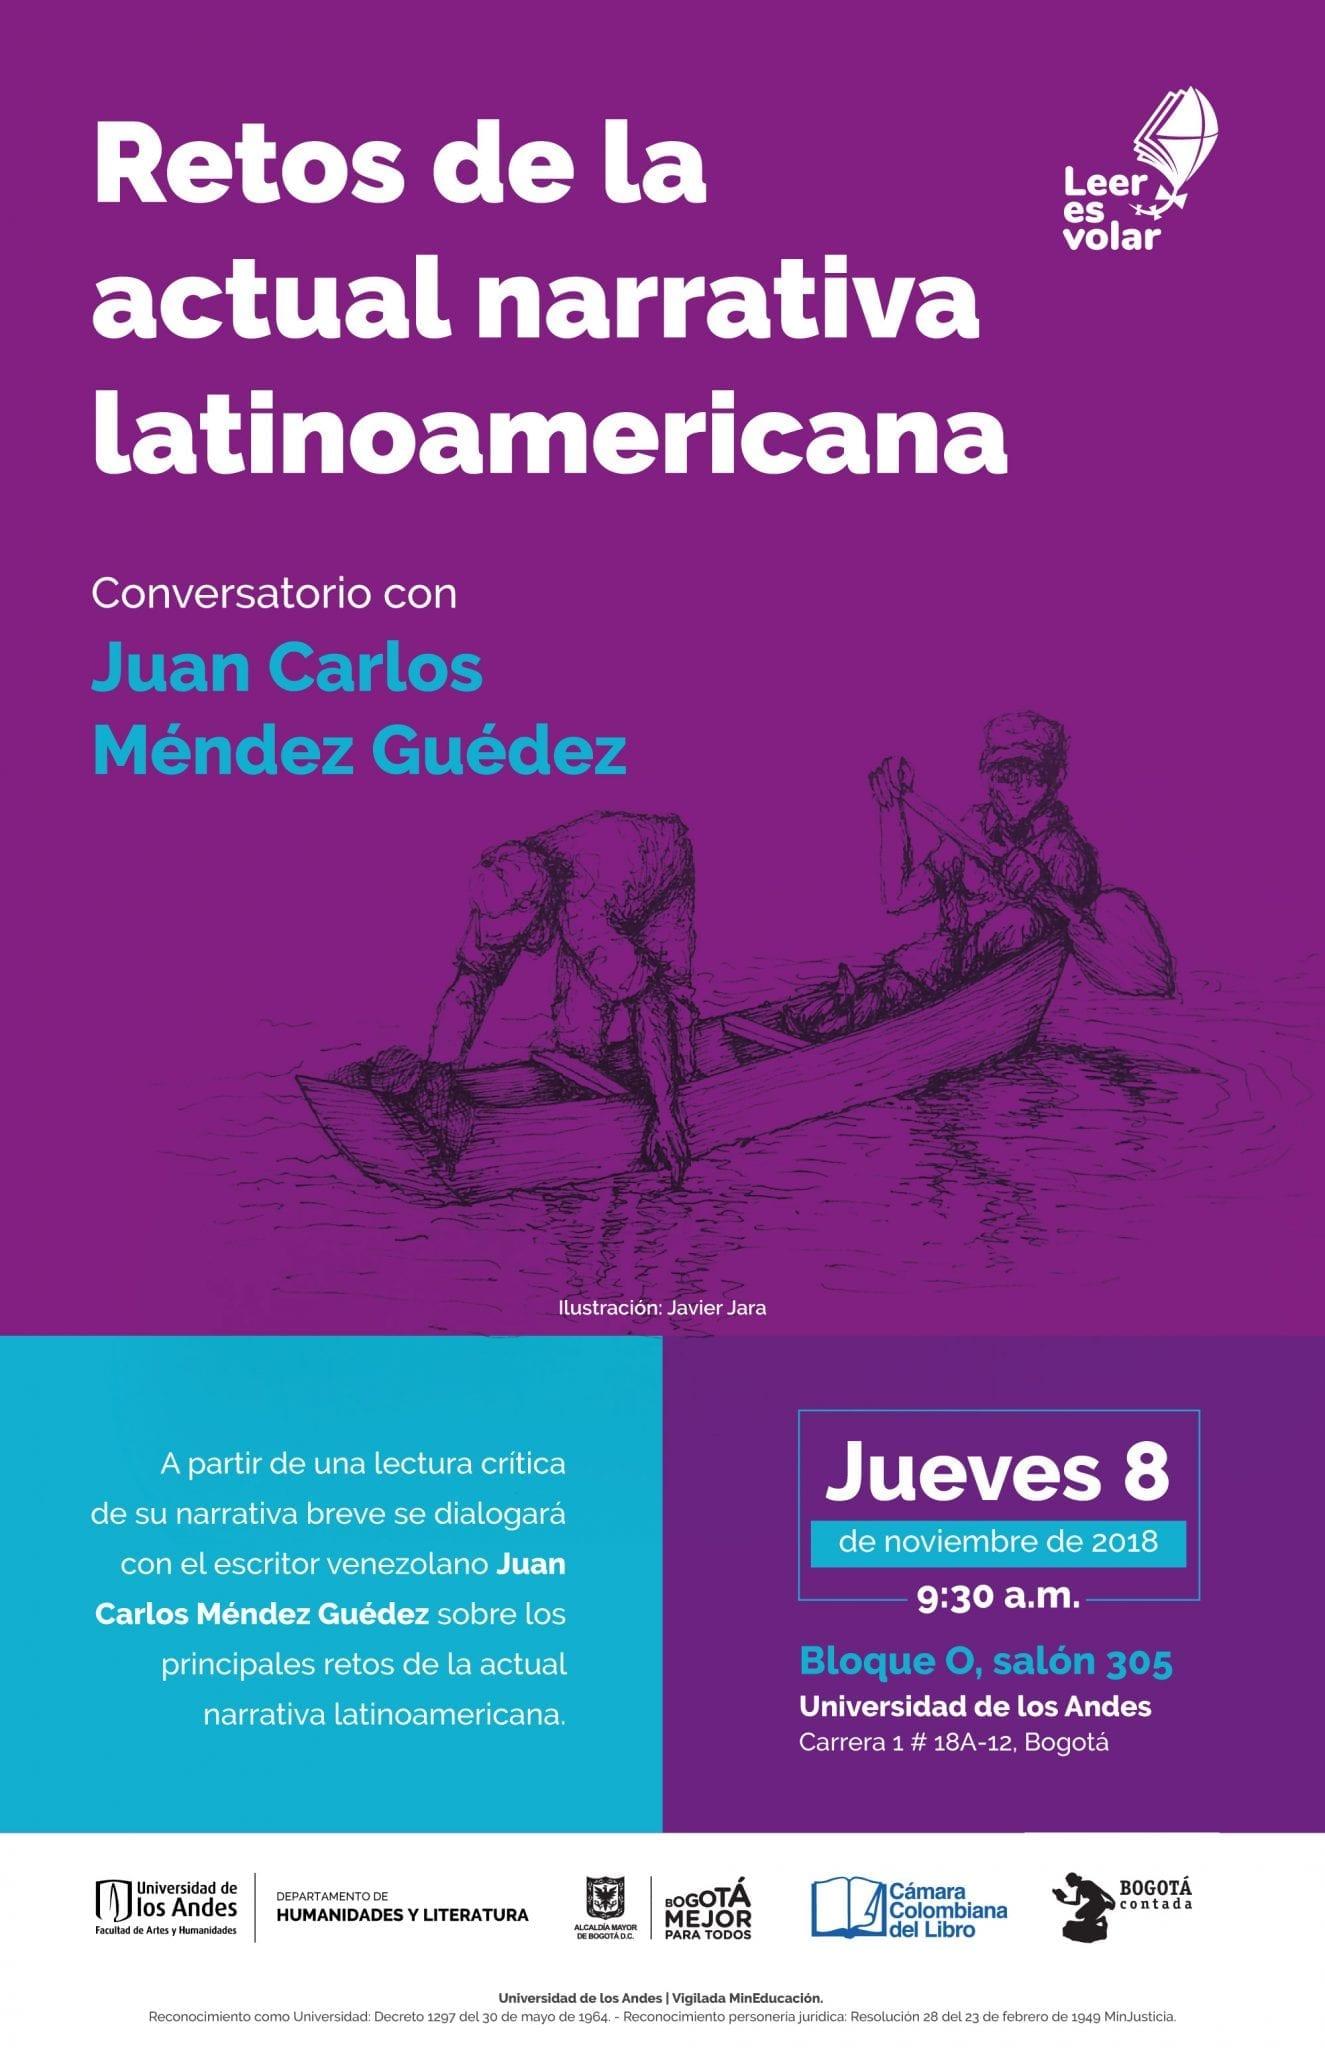 Retos de la actual narrativa latinoamericana